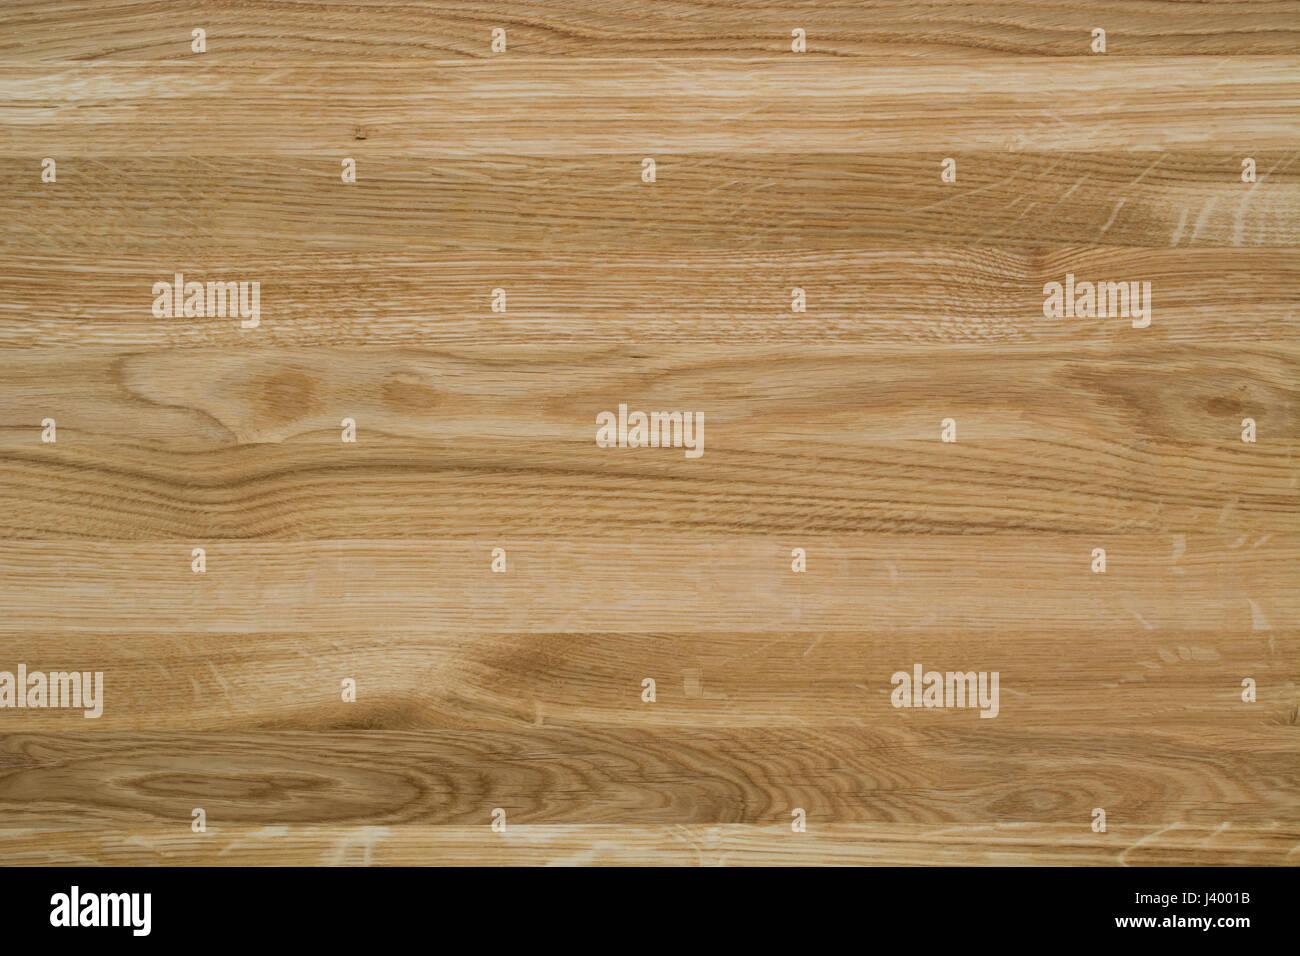 Laccato Legno Tavolo Realizzato In Legno Di Rovere E Texture Di